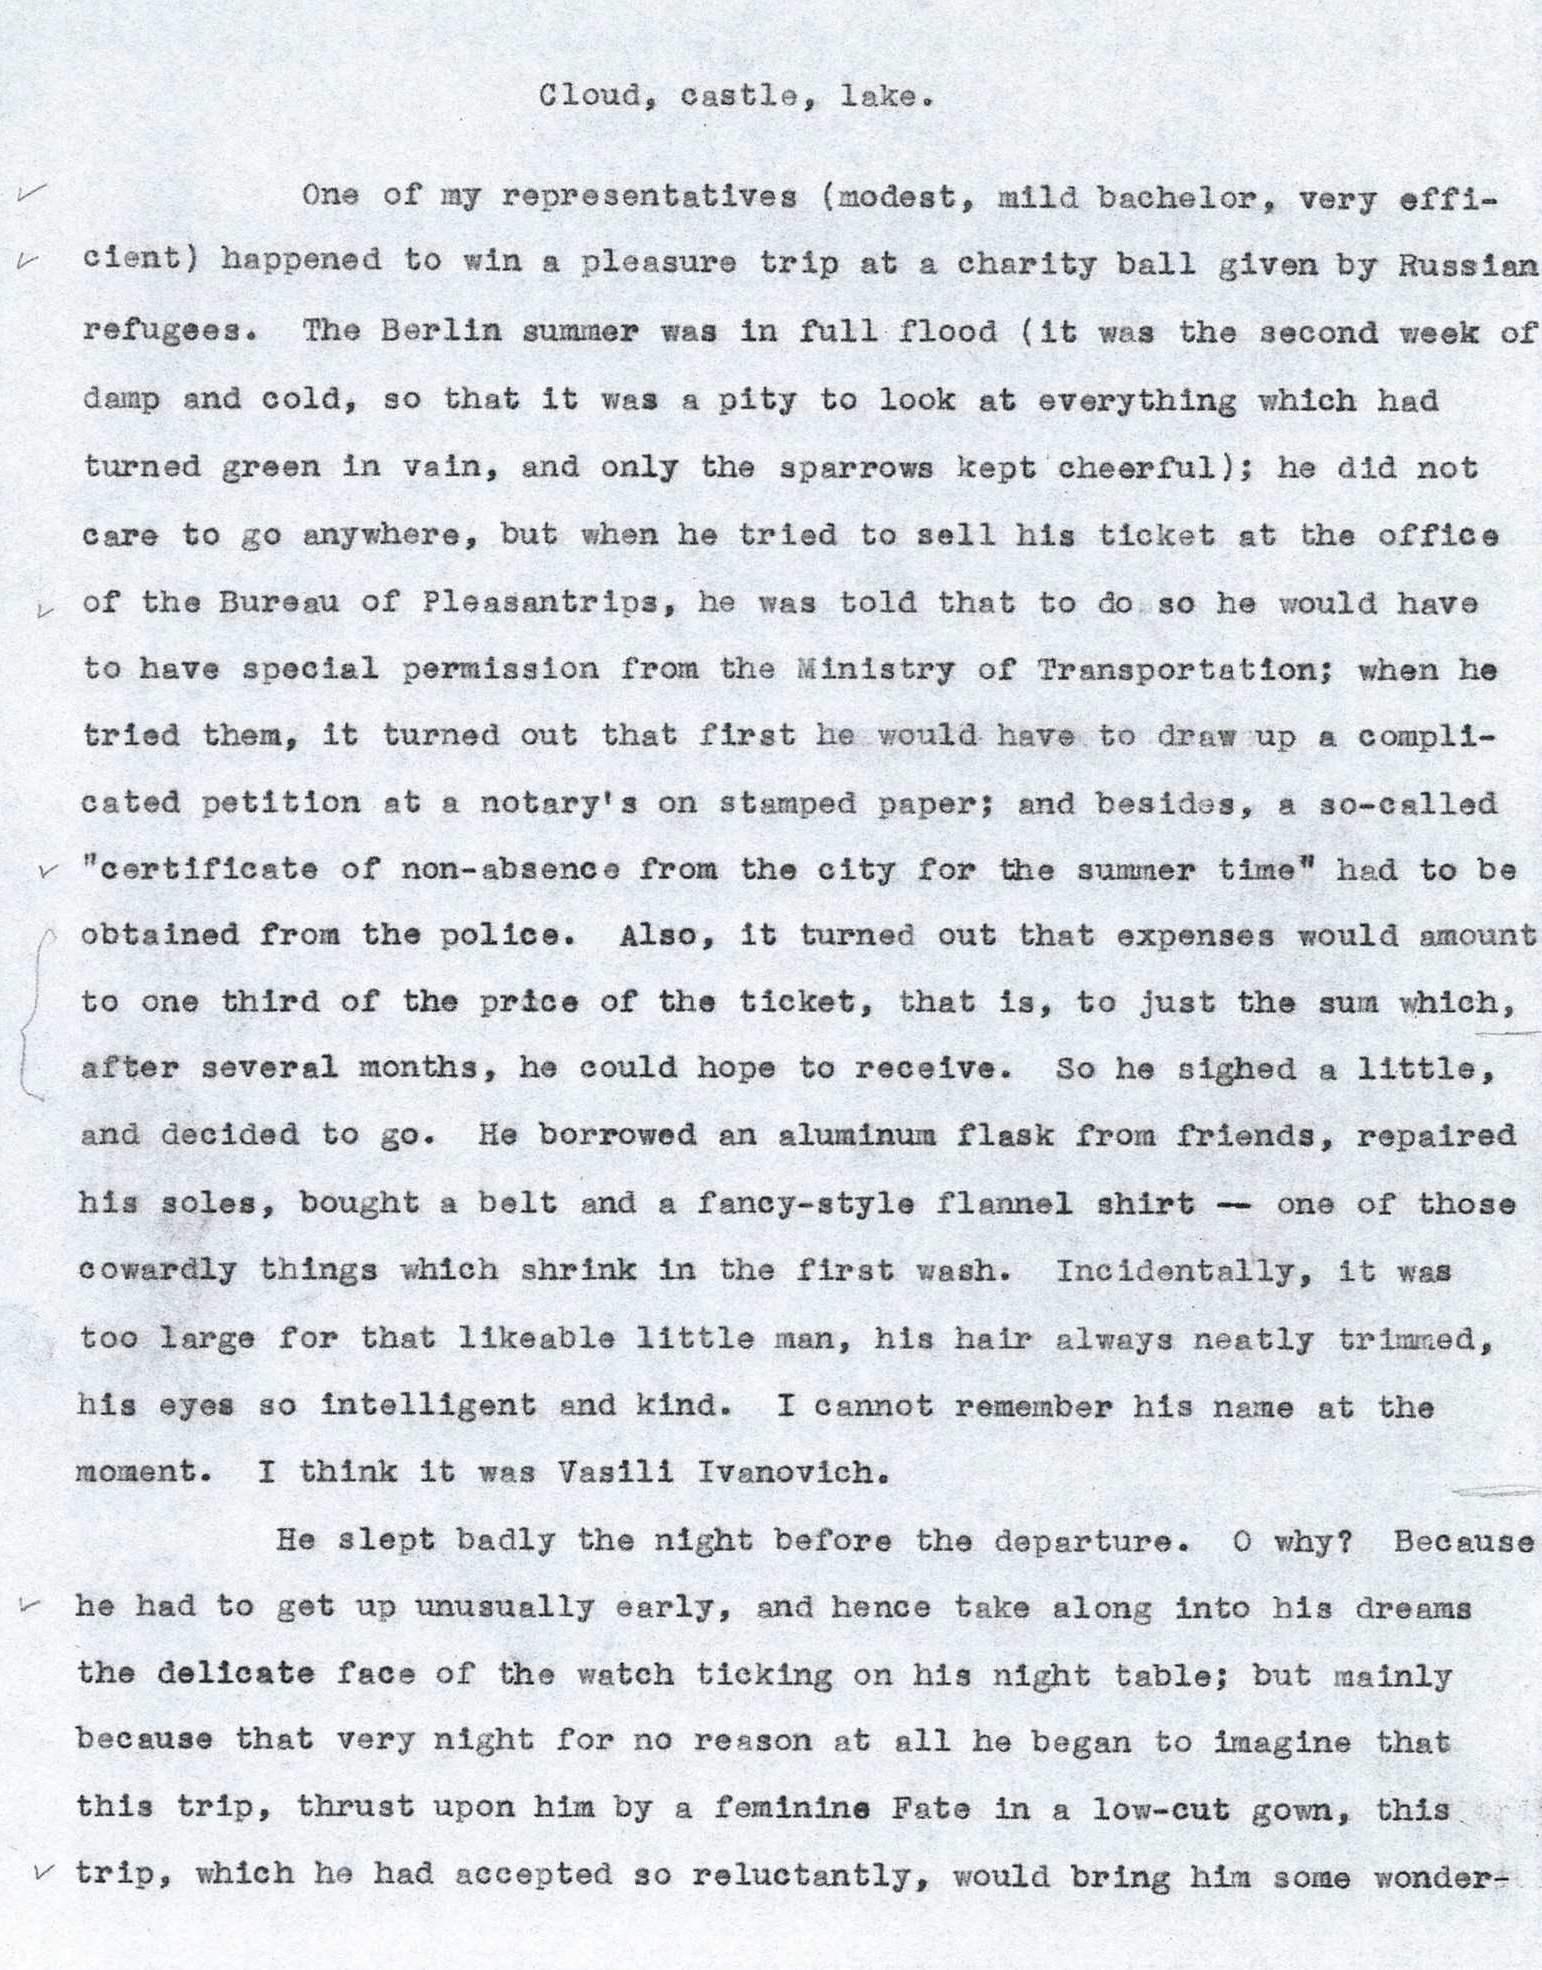 Vladimir nabokov essays